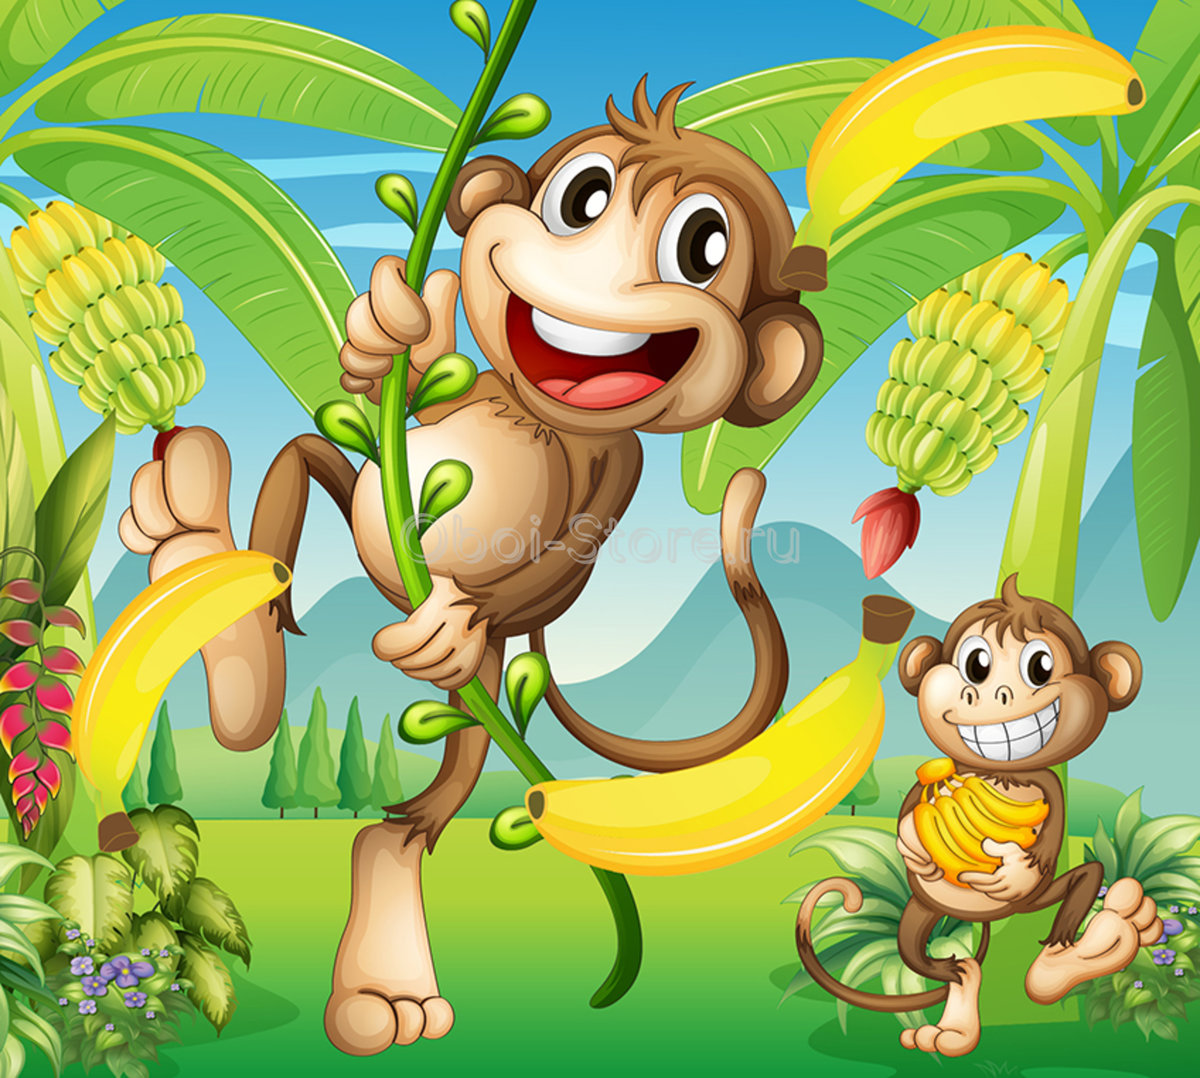 пусть картинки обезьянка с бананами можете просто использовать